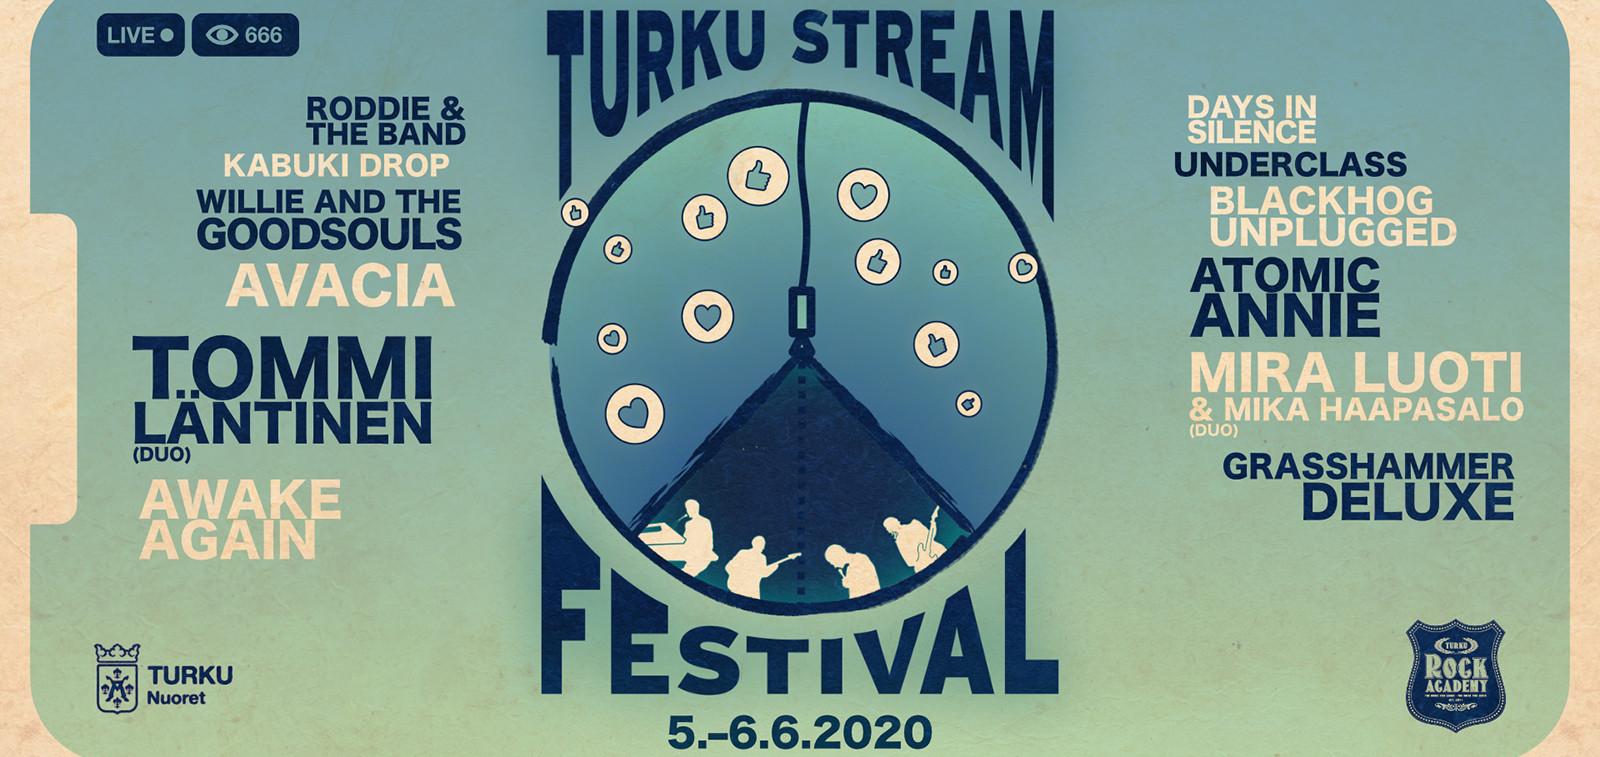 Turku Stream Festival 2020 tapahtumassa esiintyy mm. Mira Luoti ja Mika Haapasalo sekä Avacia